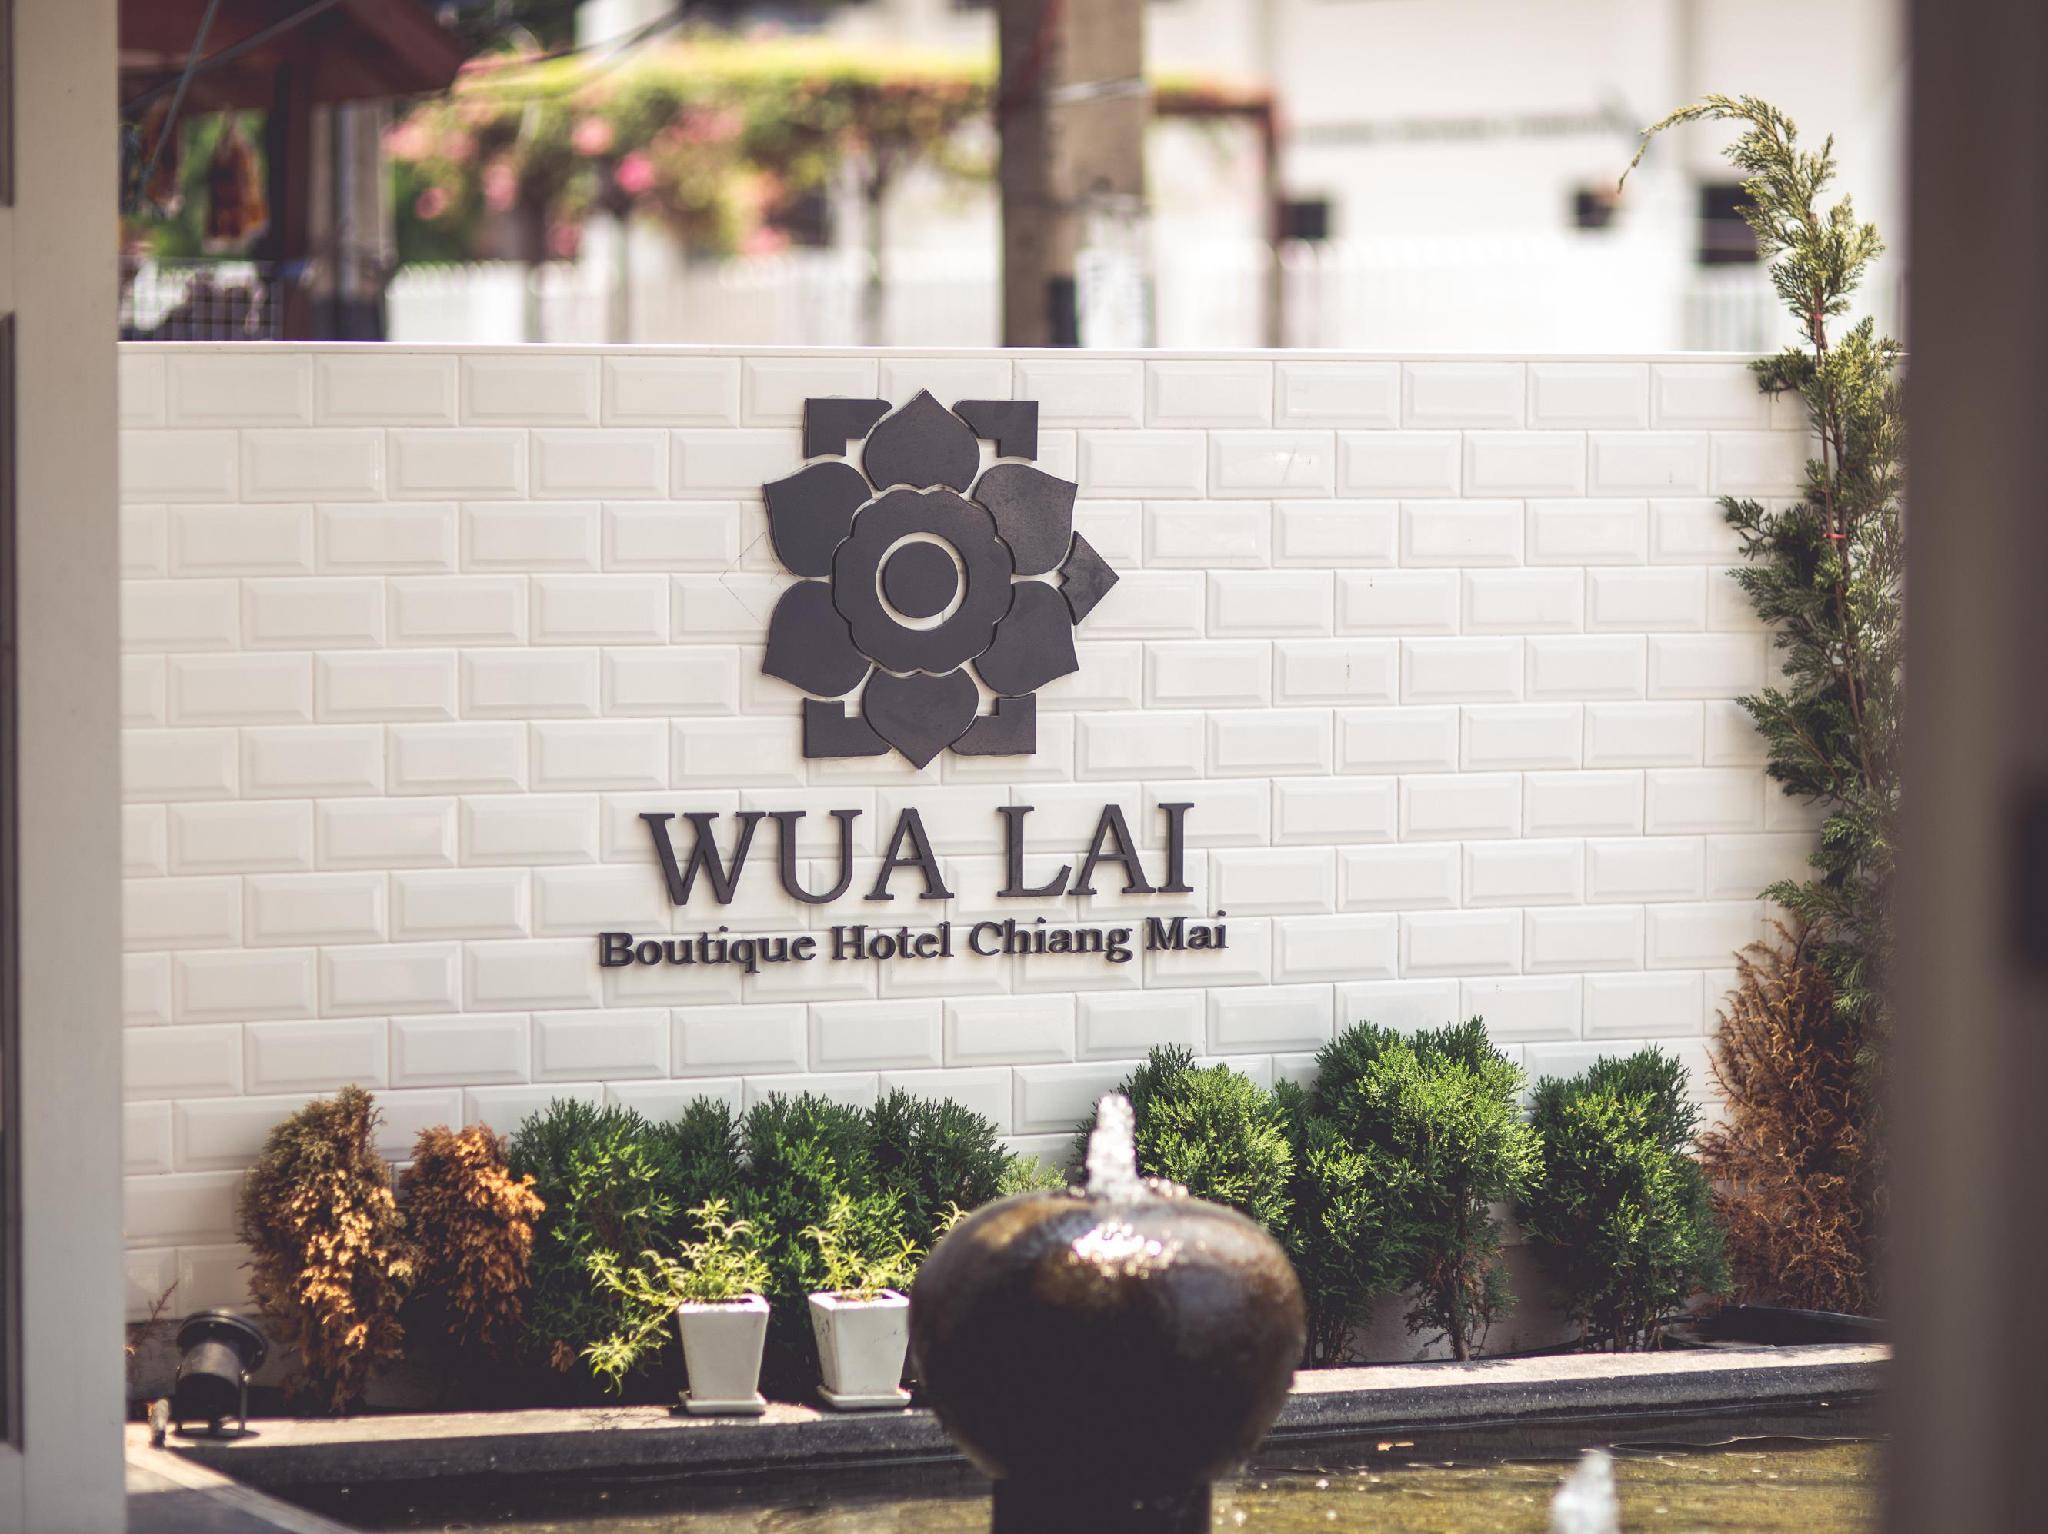 Wua Lai Boutique Hotel Chiang Mai,วัวลาย บูทิก โฮเต็ล เชียงใหม่